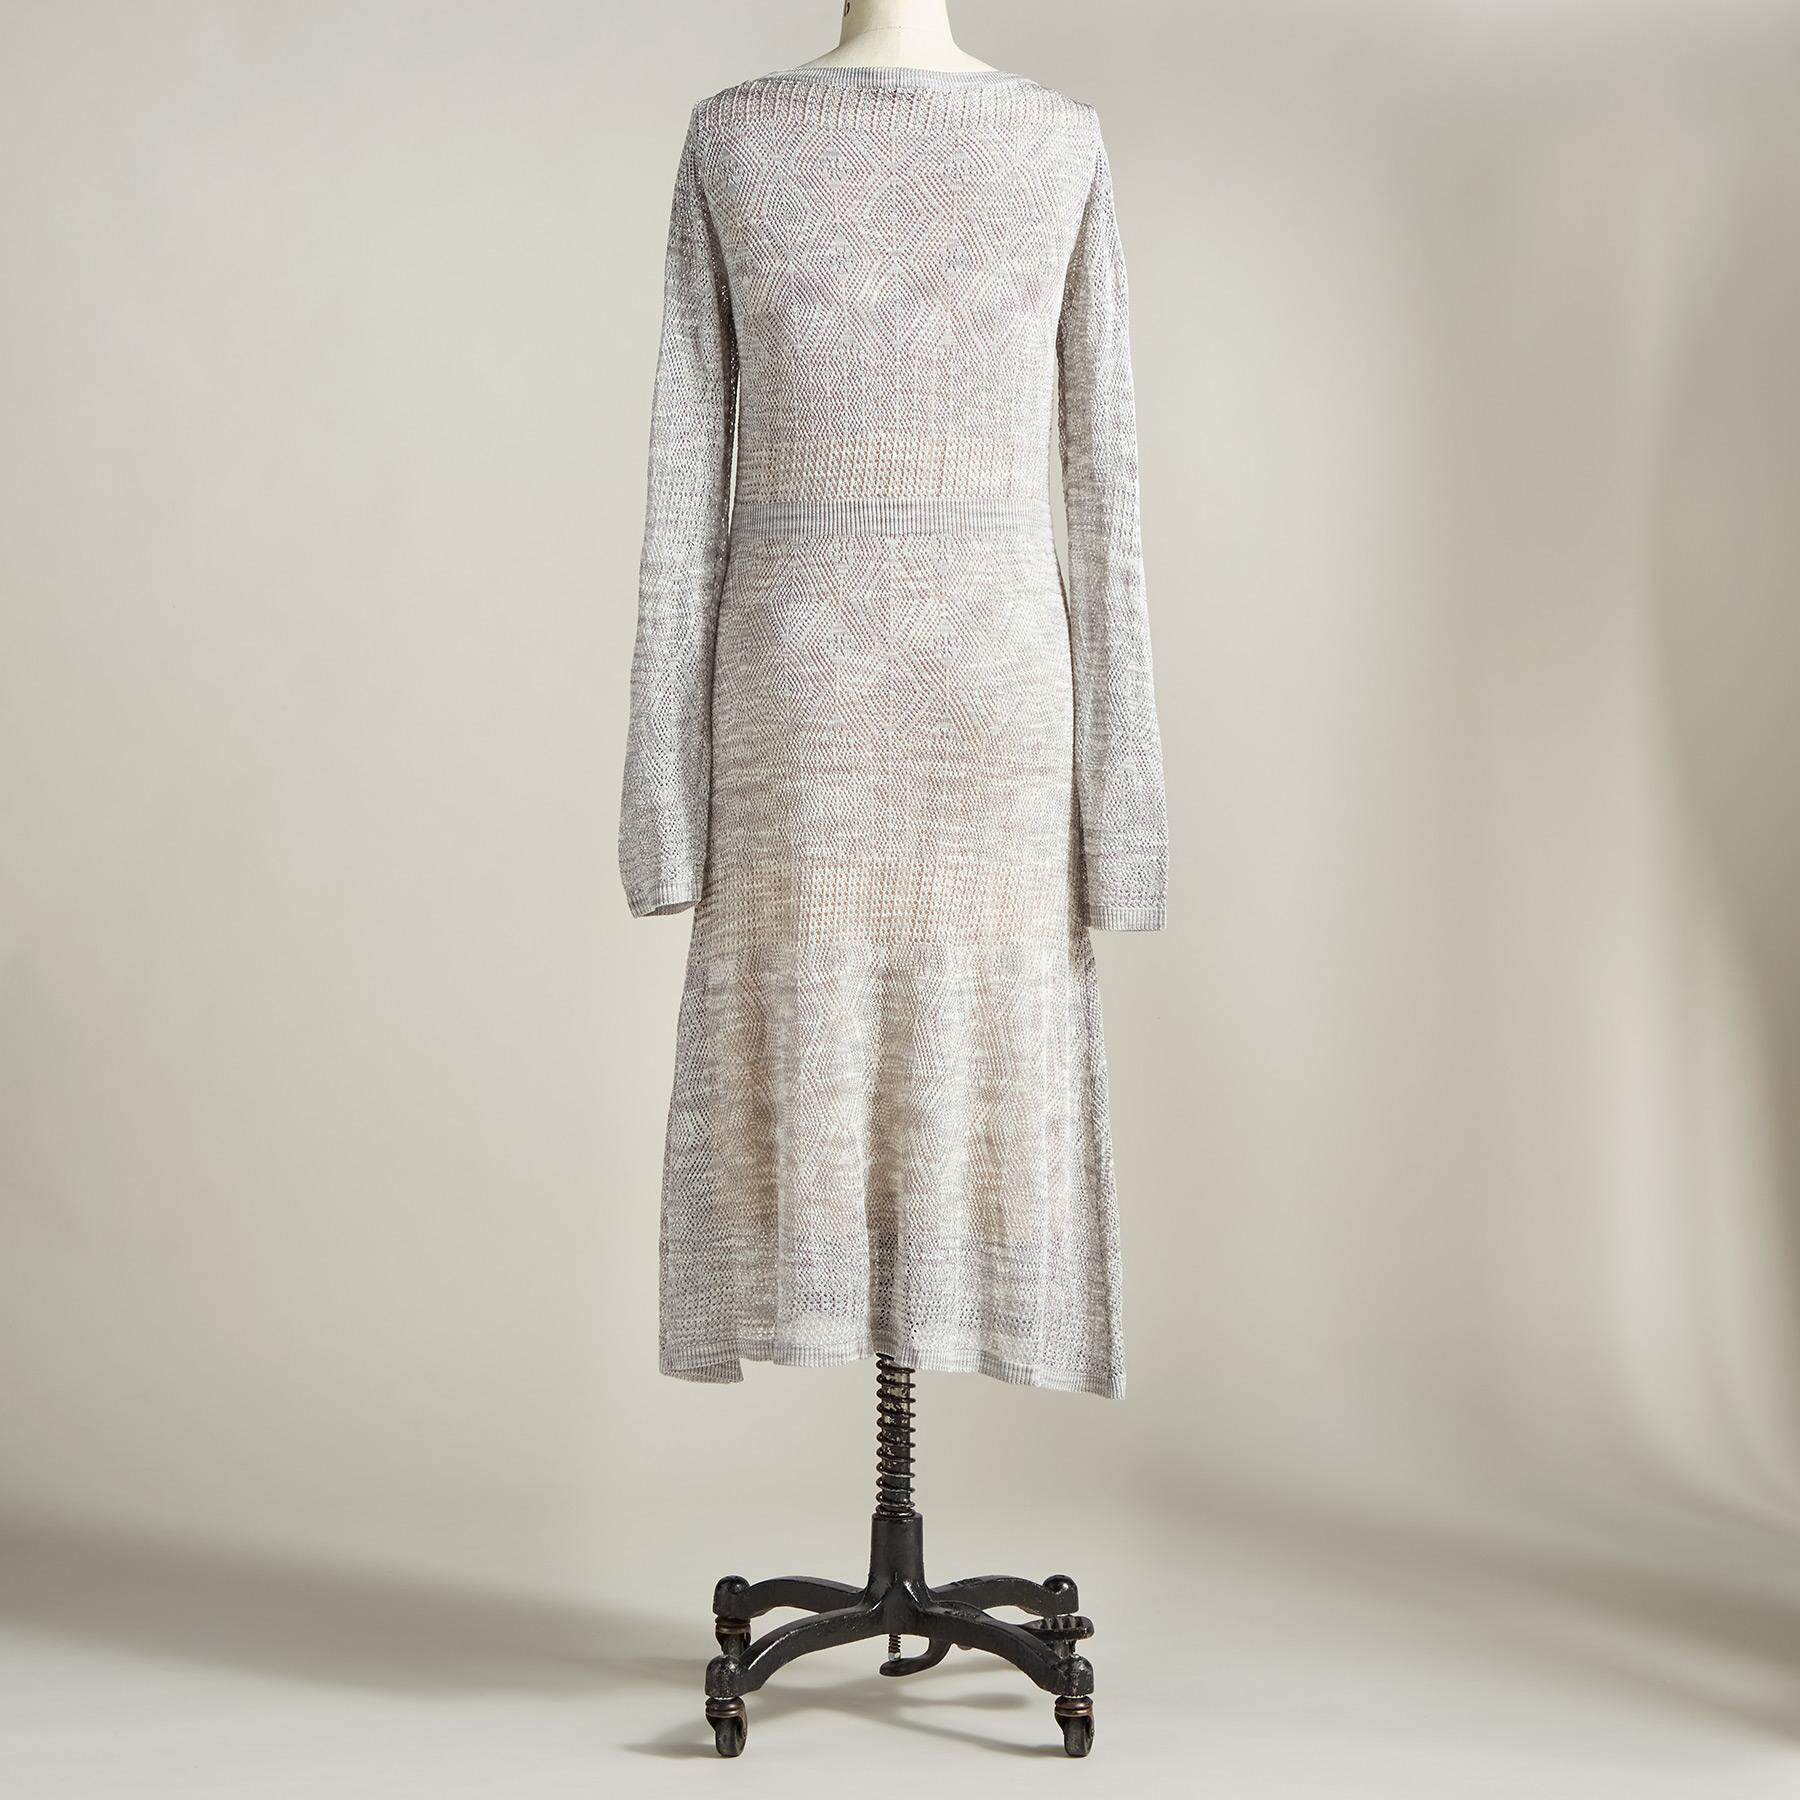 UMA DRESS PETITES: View 2